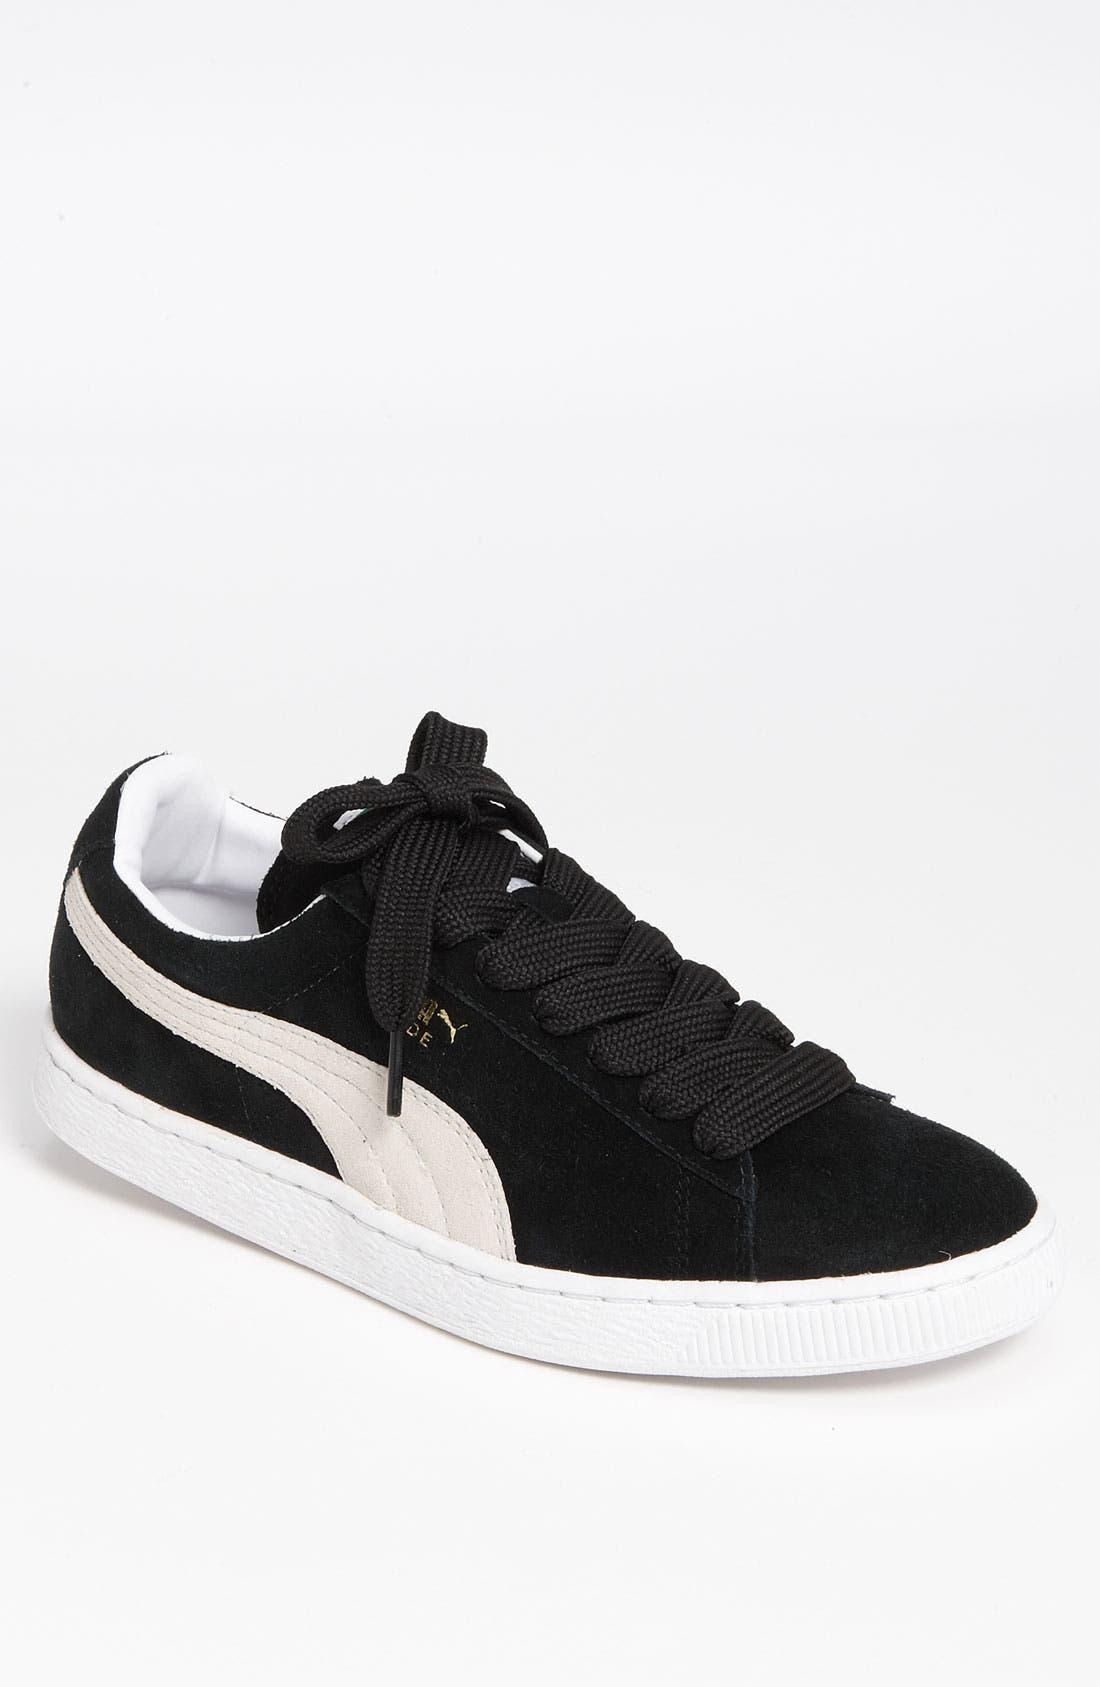 Alternate Image 1 Selected - PUMA 'Classic Eco' Sneaker (Men)